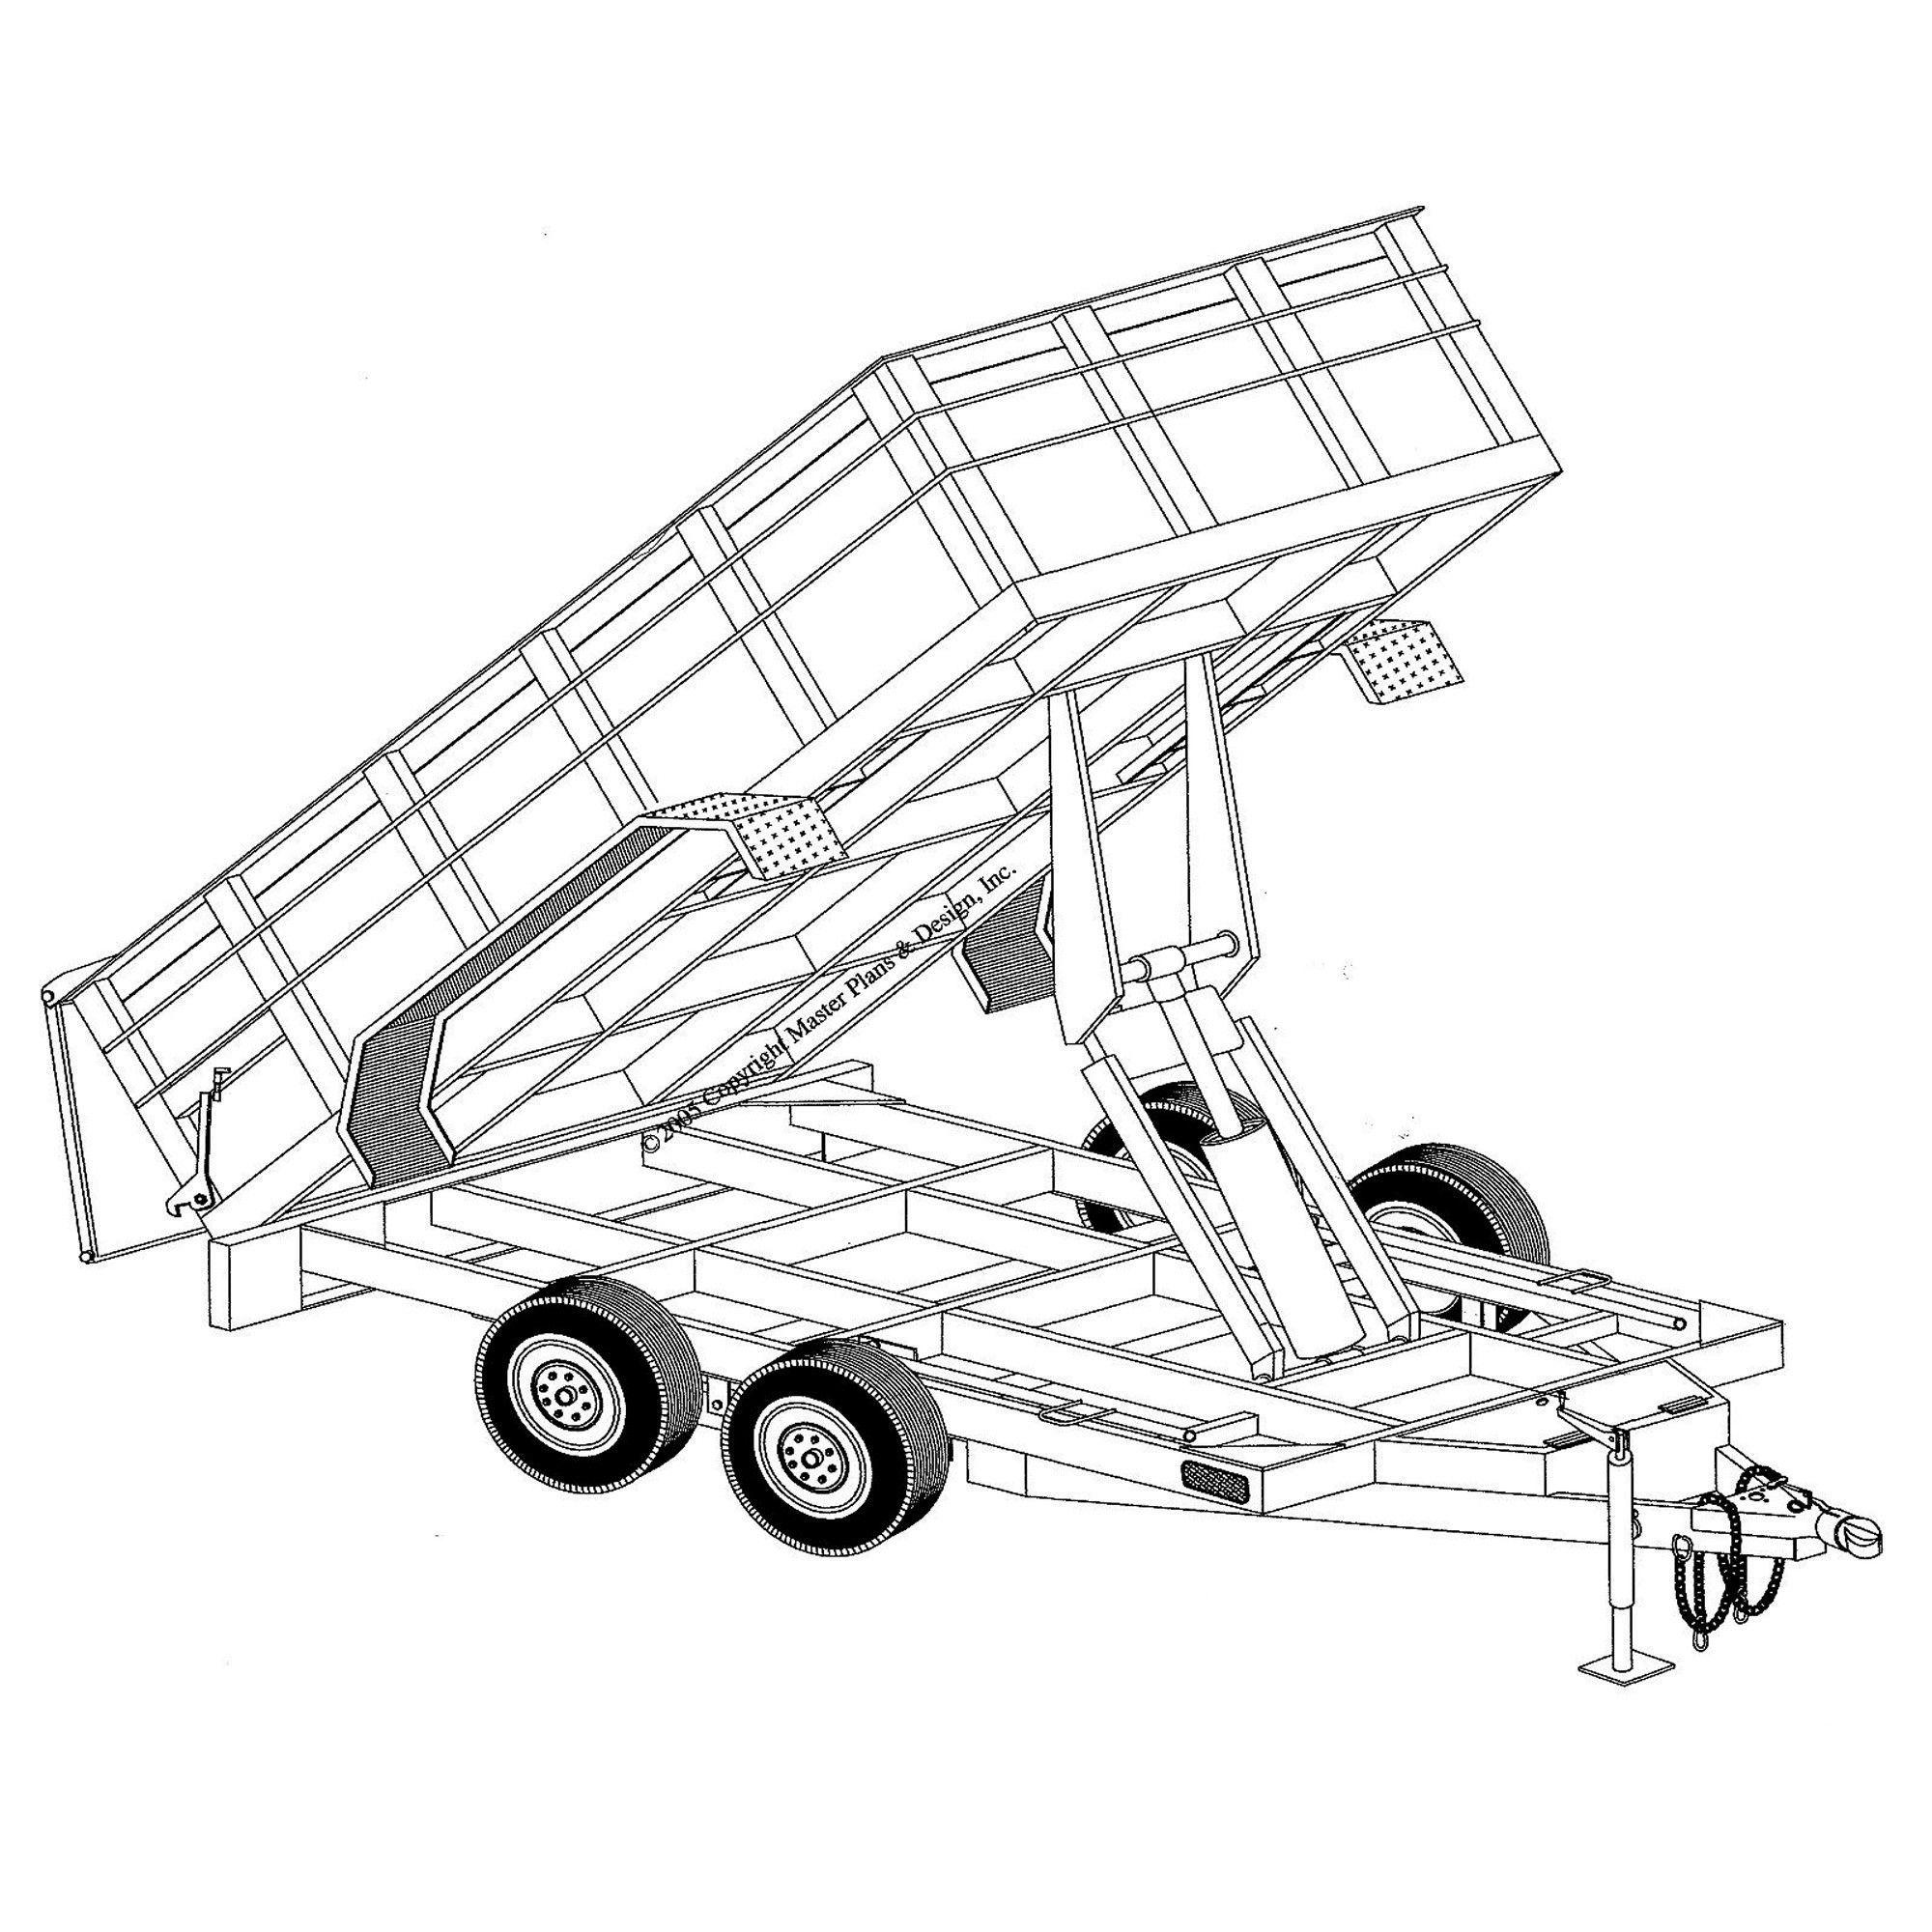 64 x 12 hydraulic dump trailer plans model 12hd